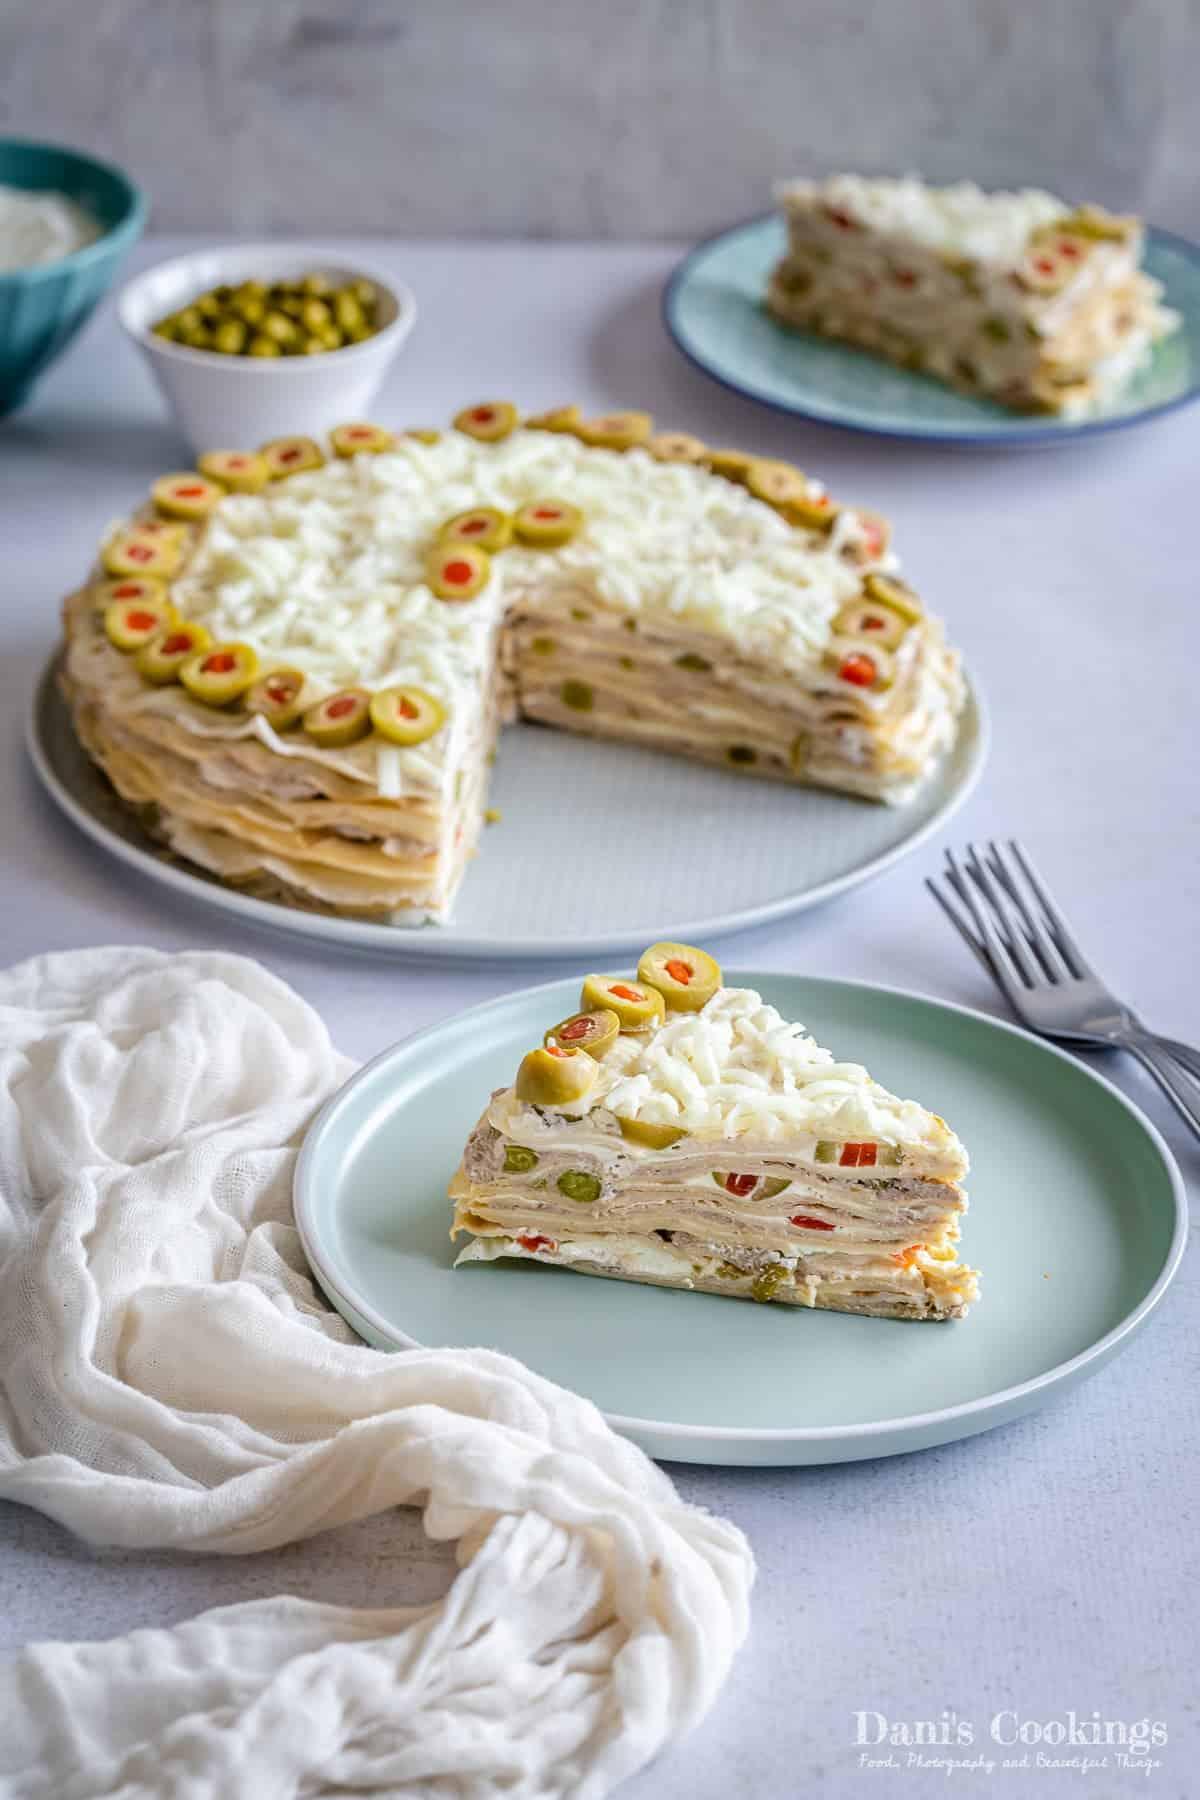 a sliced savory crepe cake on a table